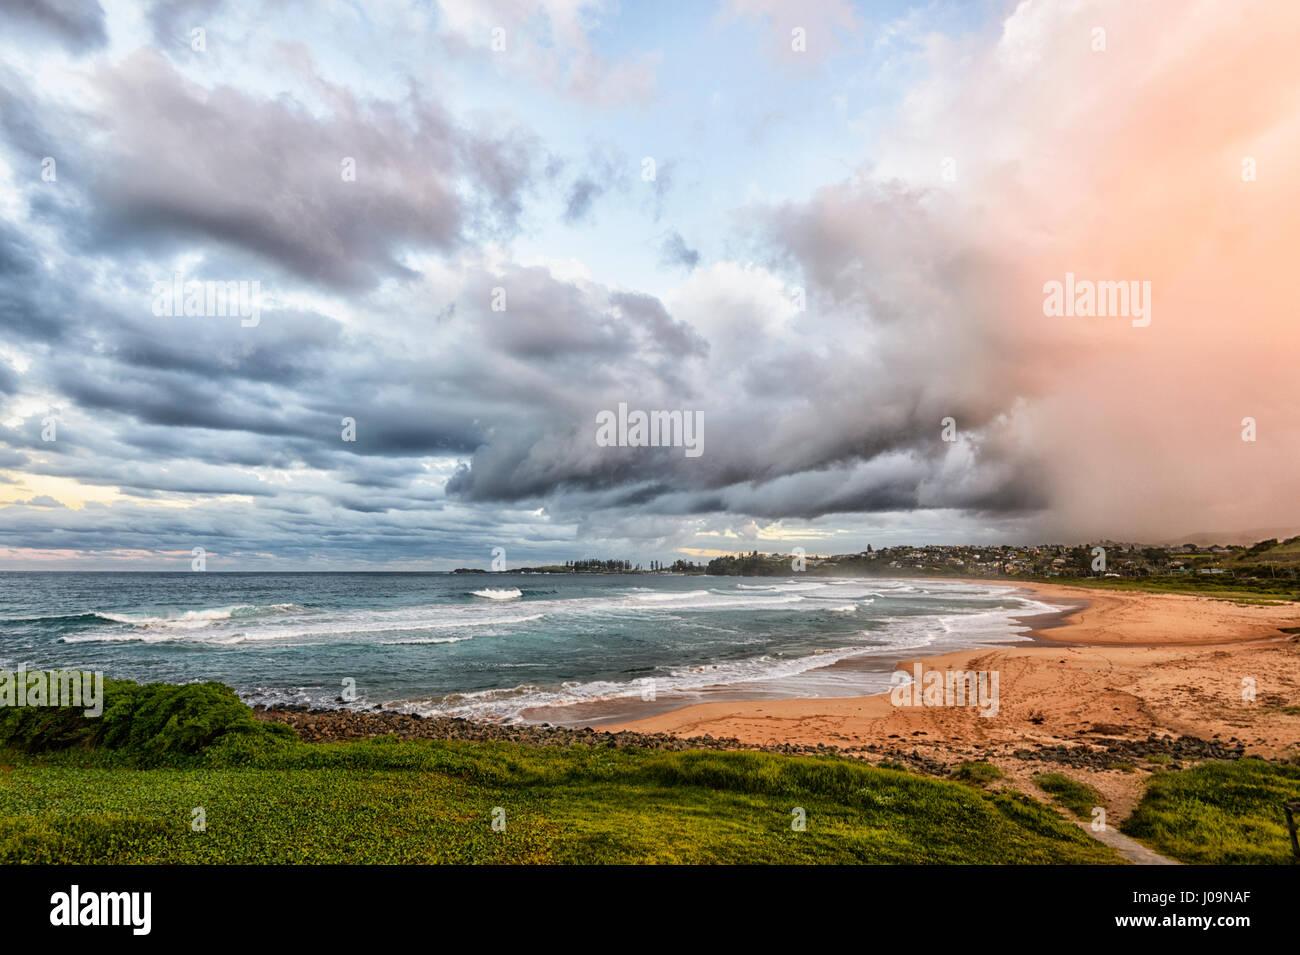 Spectaculaire vue de l'imminence d'une tempête sur la plage de Bombo, Kiama, Côte d'Illawarra, New South Wales, NSW, Australie Banque D'Images